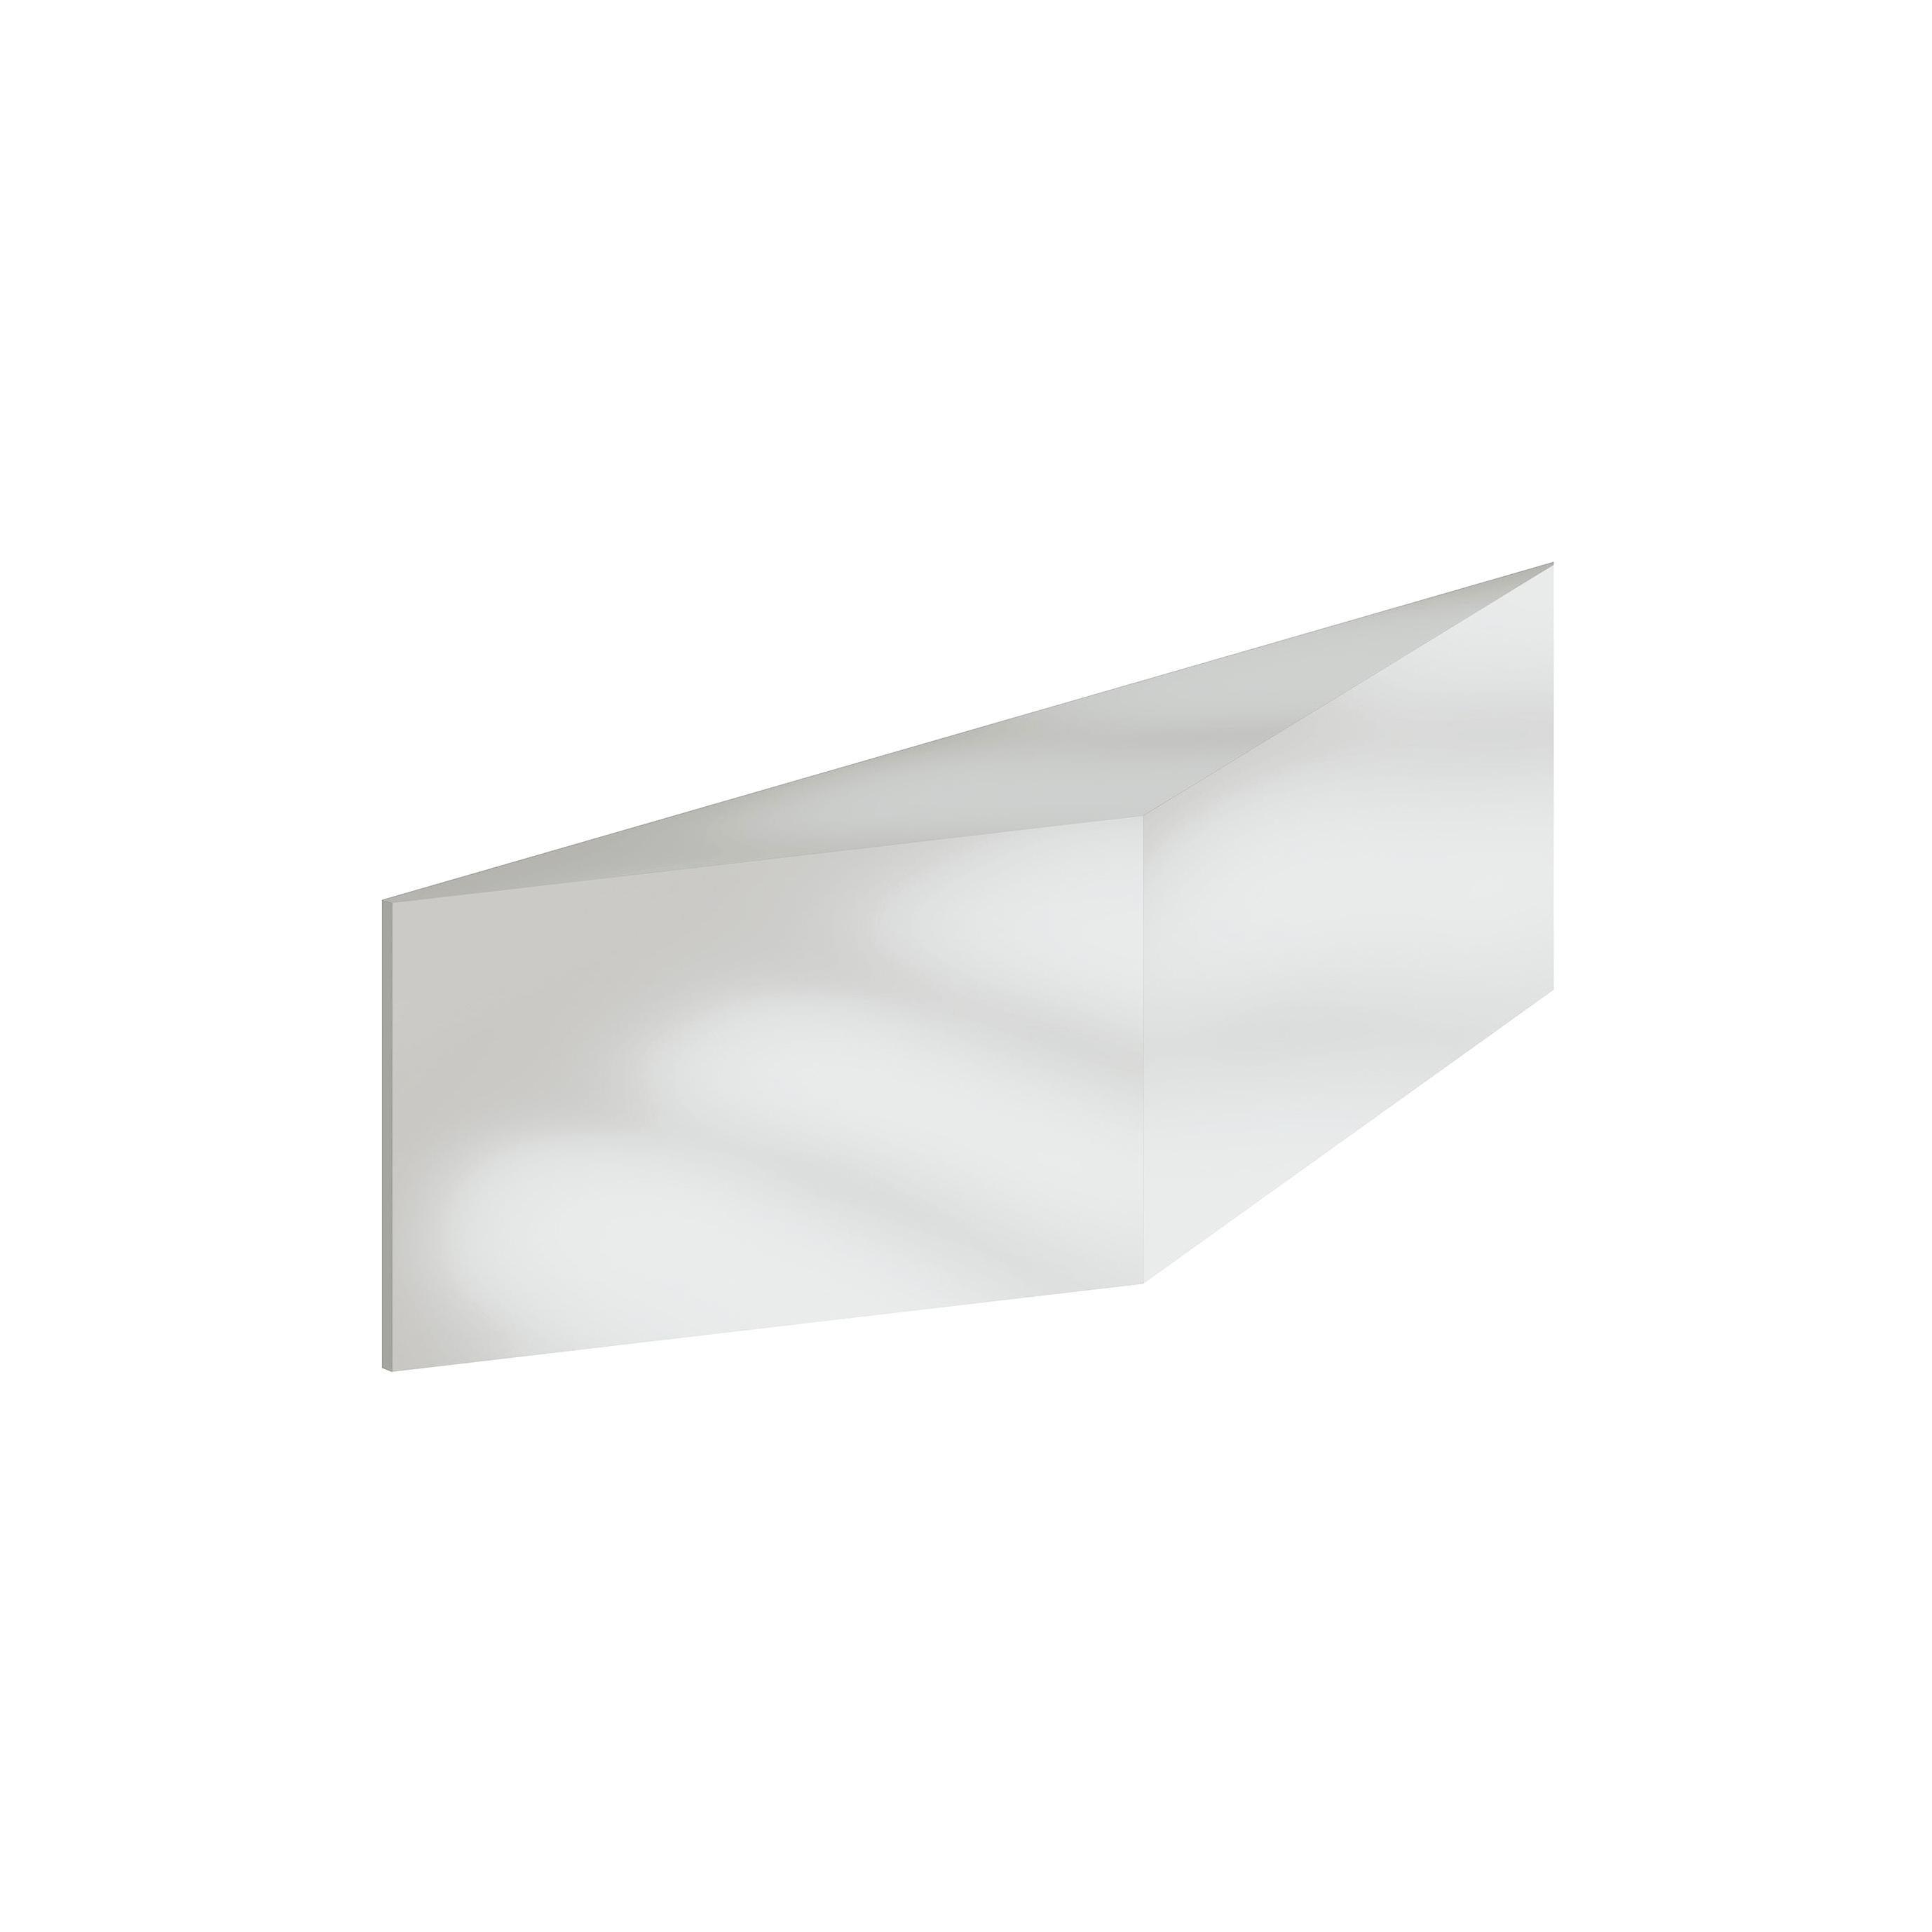 'Zigzag' Aluminium Mirror